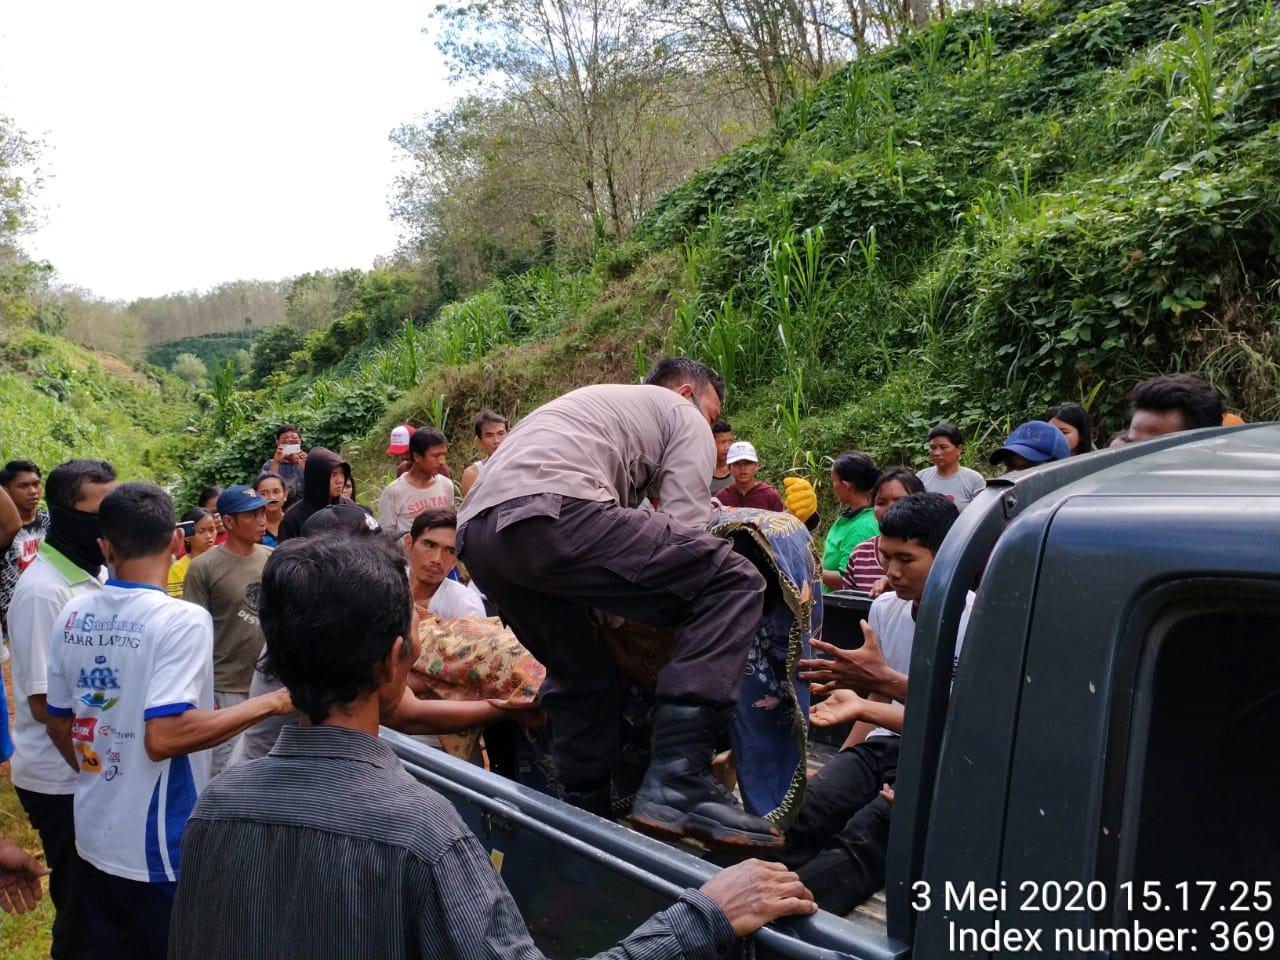 Polsek Sukaraja Evakuasi Remaja Korban Tenggelam di Air Terjun Desa Taba Lubuk Puding